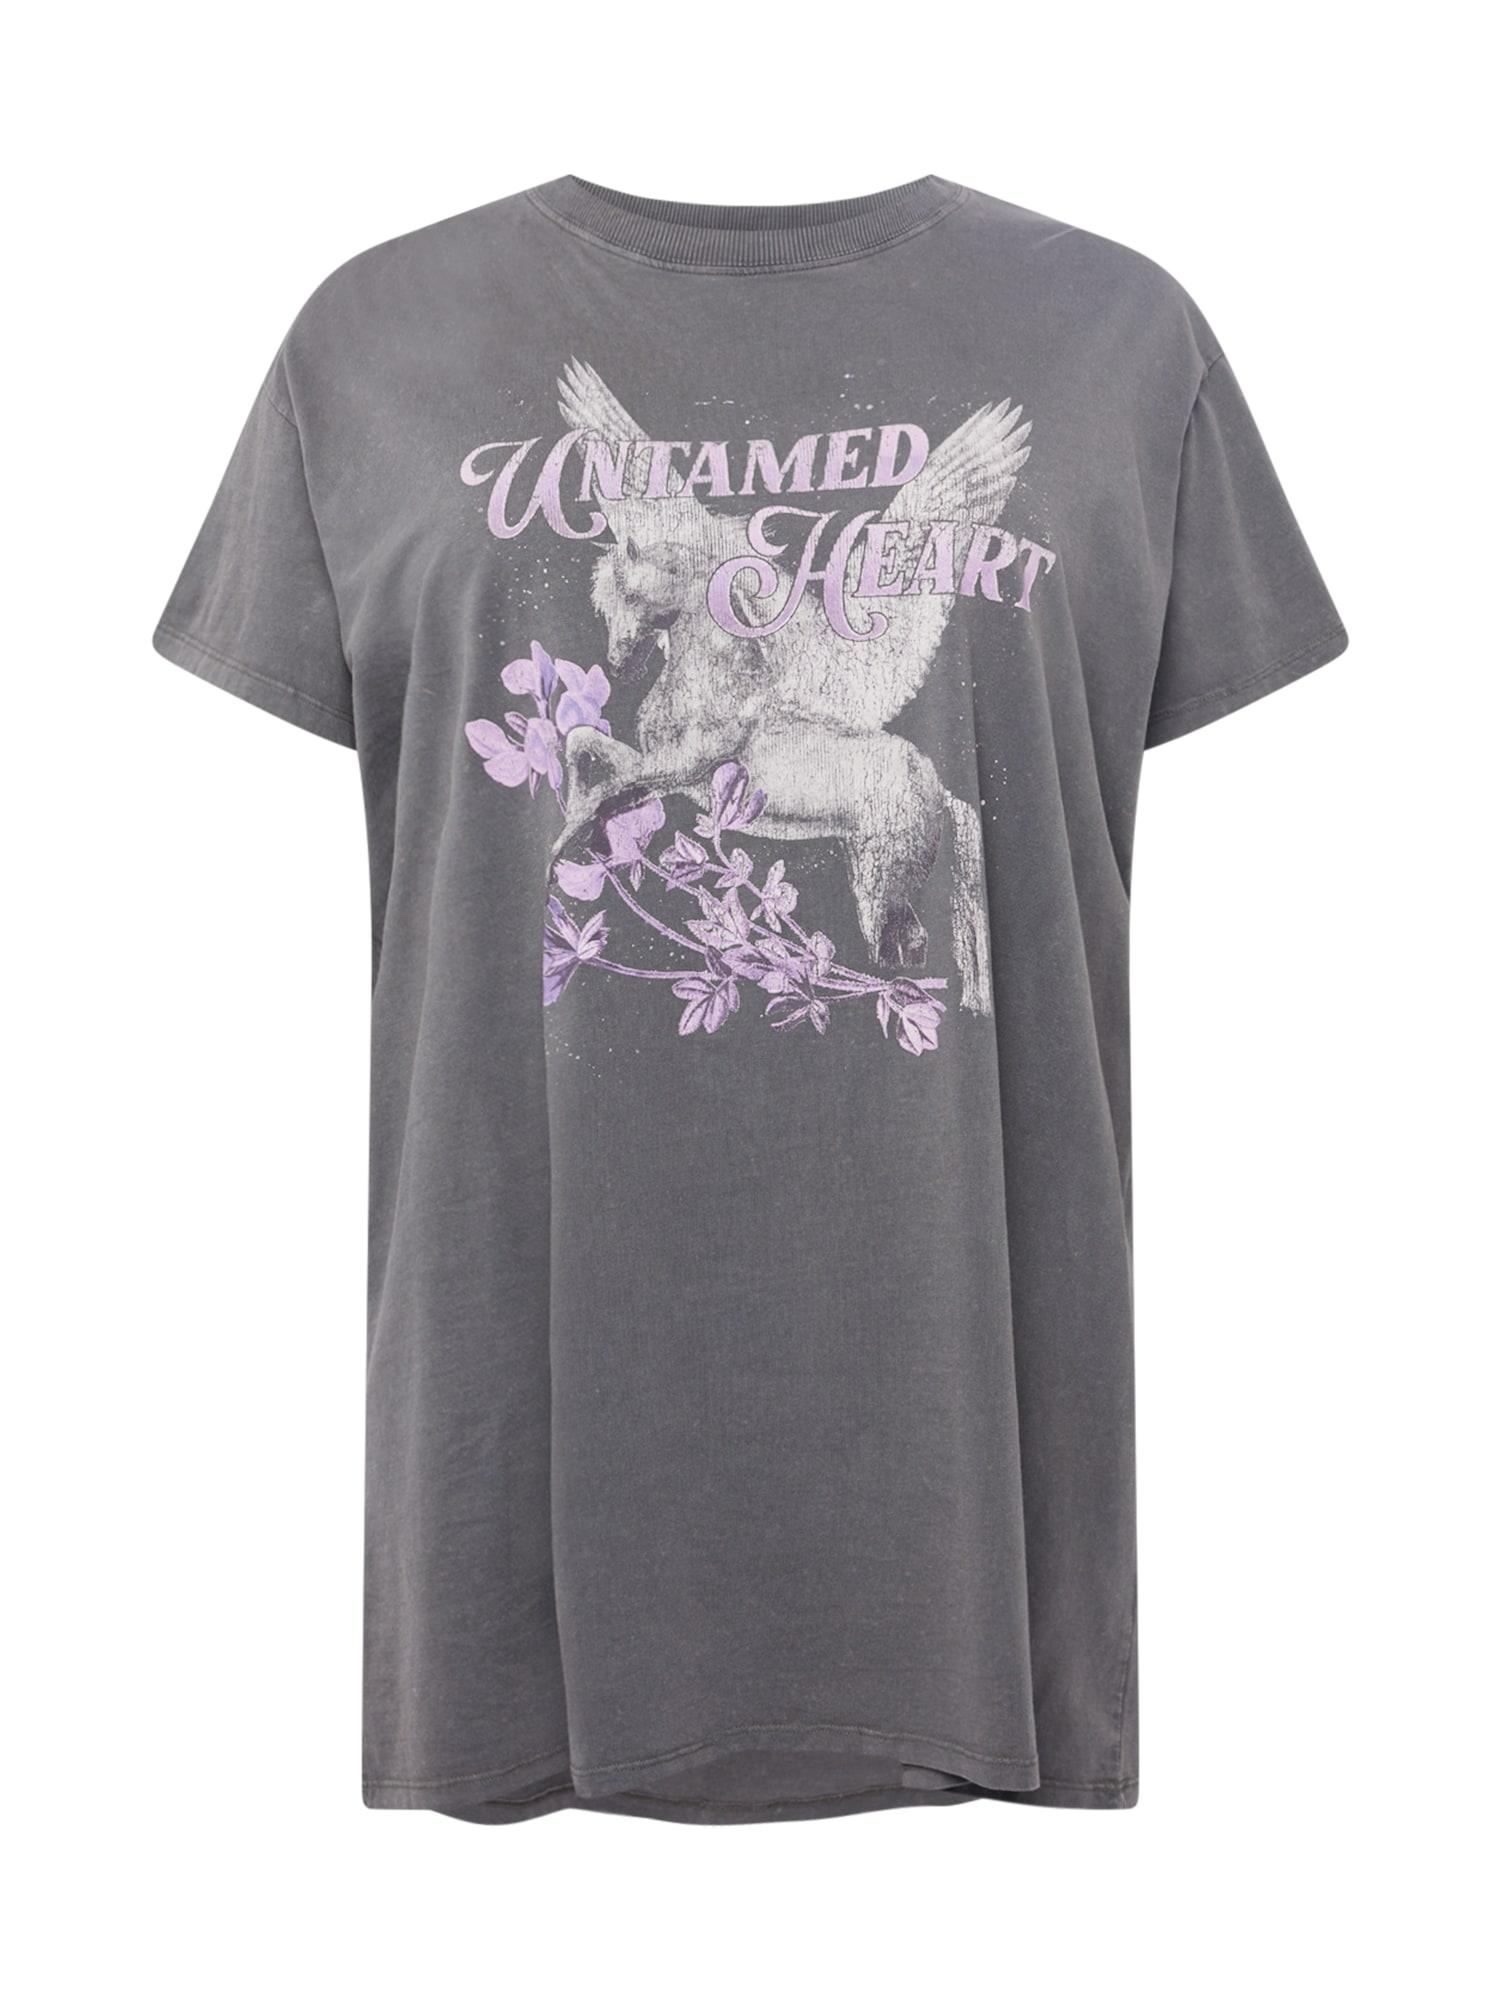 Cotton On Curve Suknelė tamsiai pilka / šviesiai pilka / pastelinė violetinė